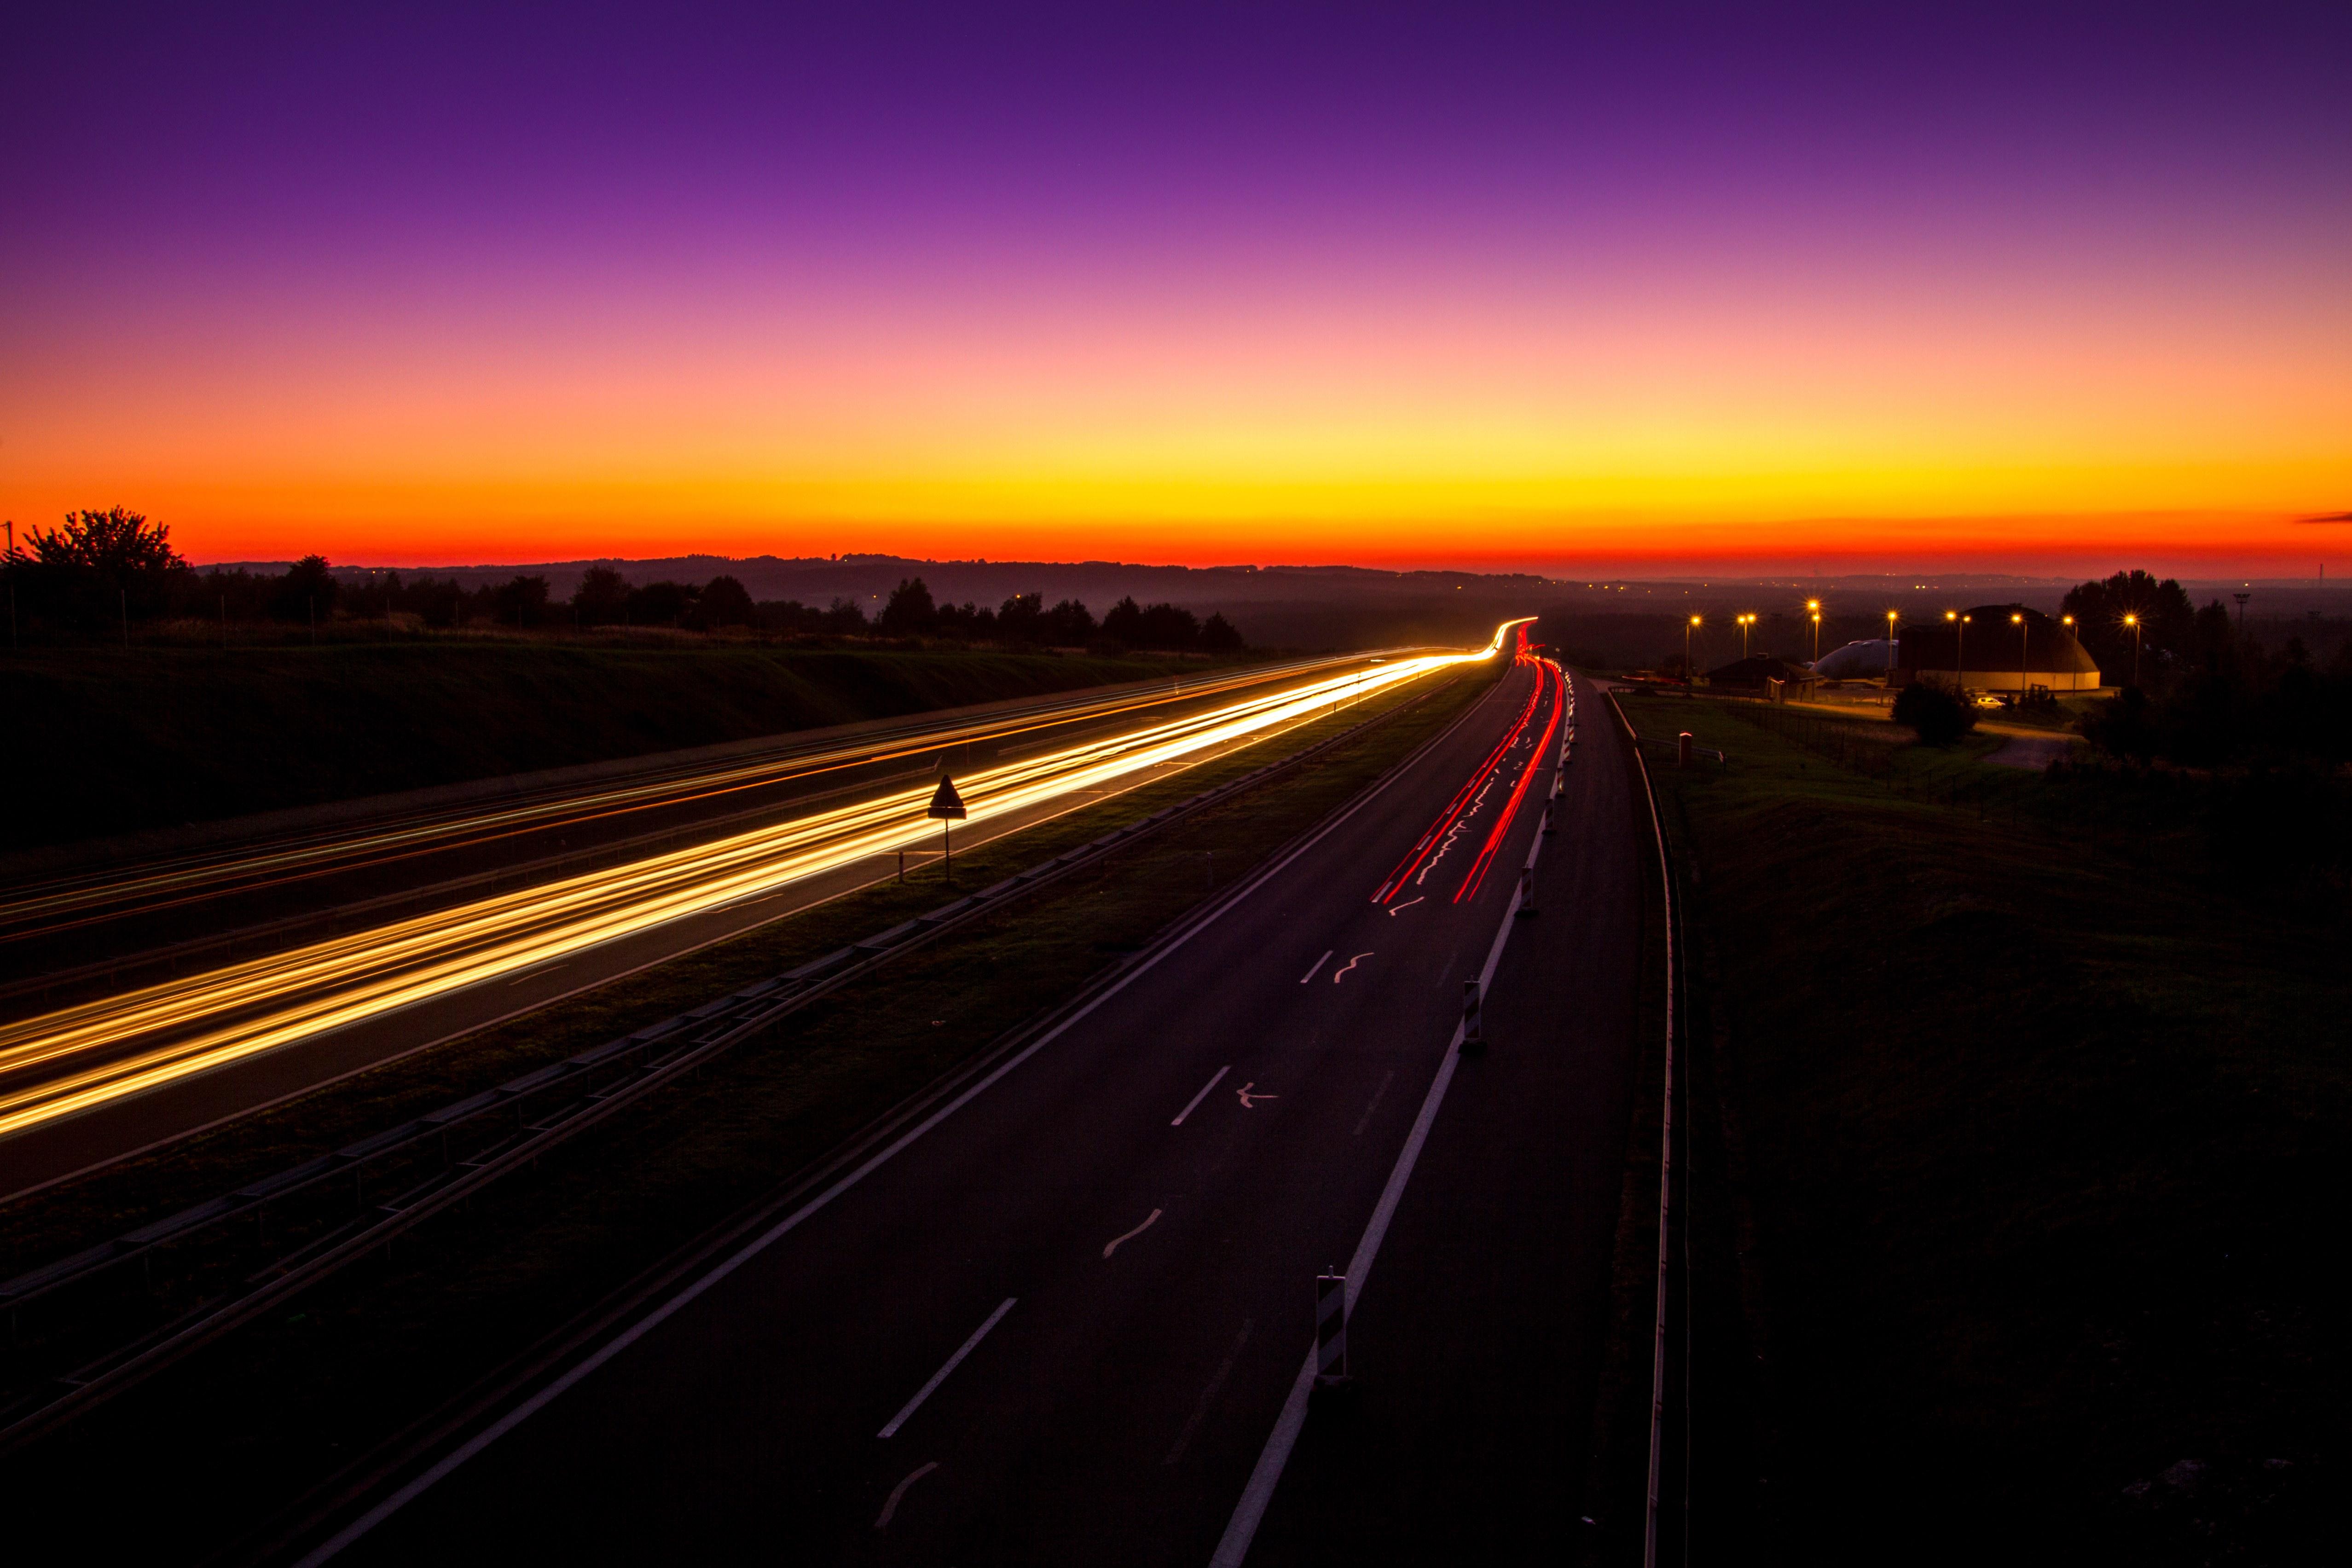 фото закат на дороге